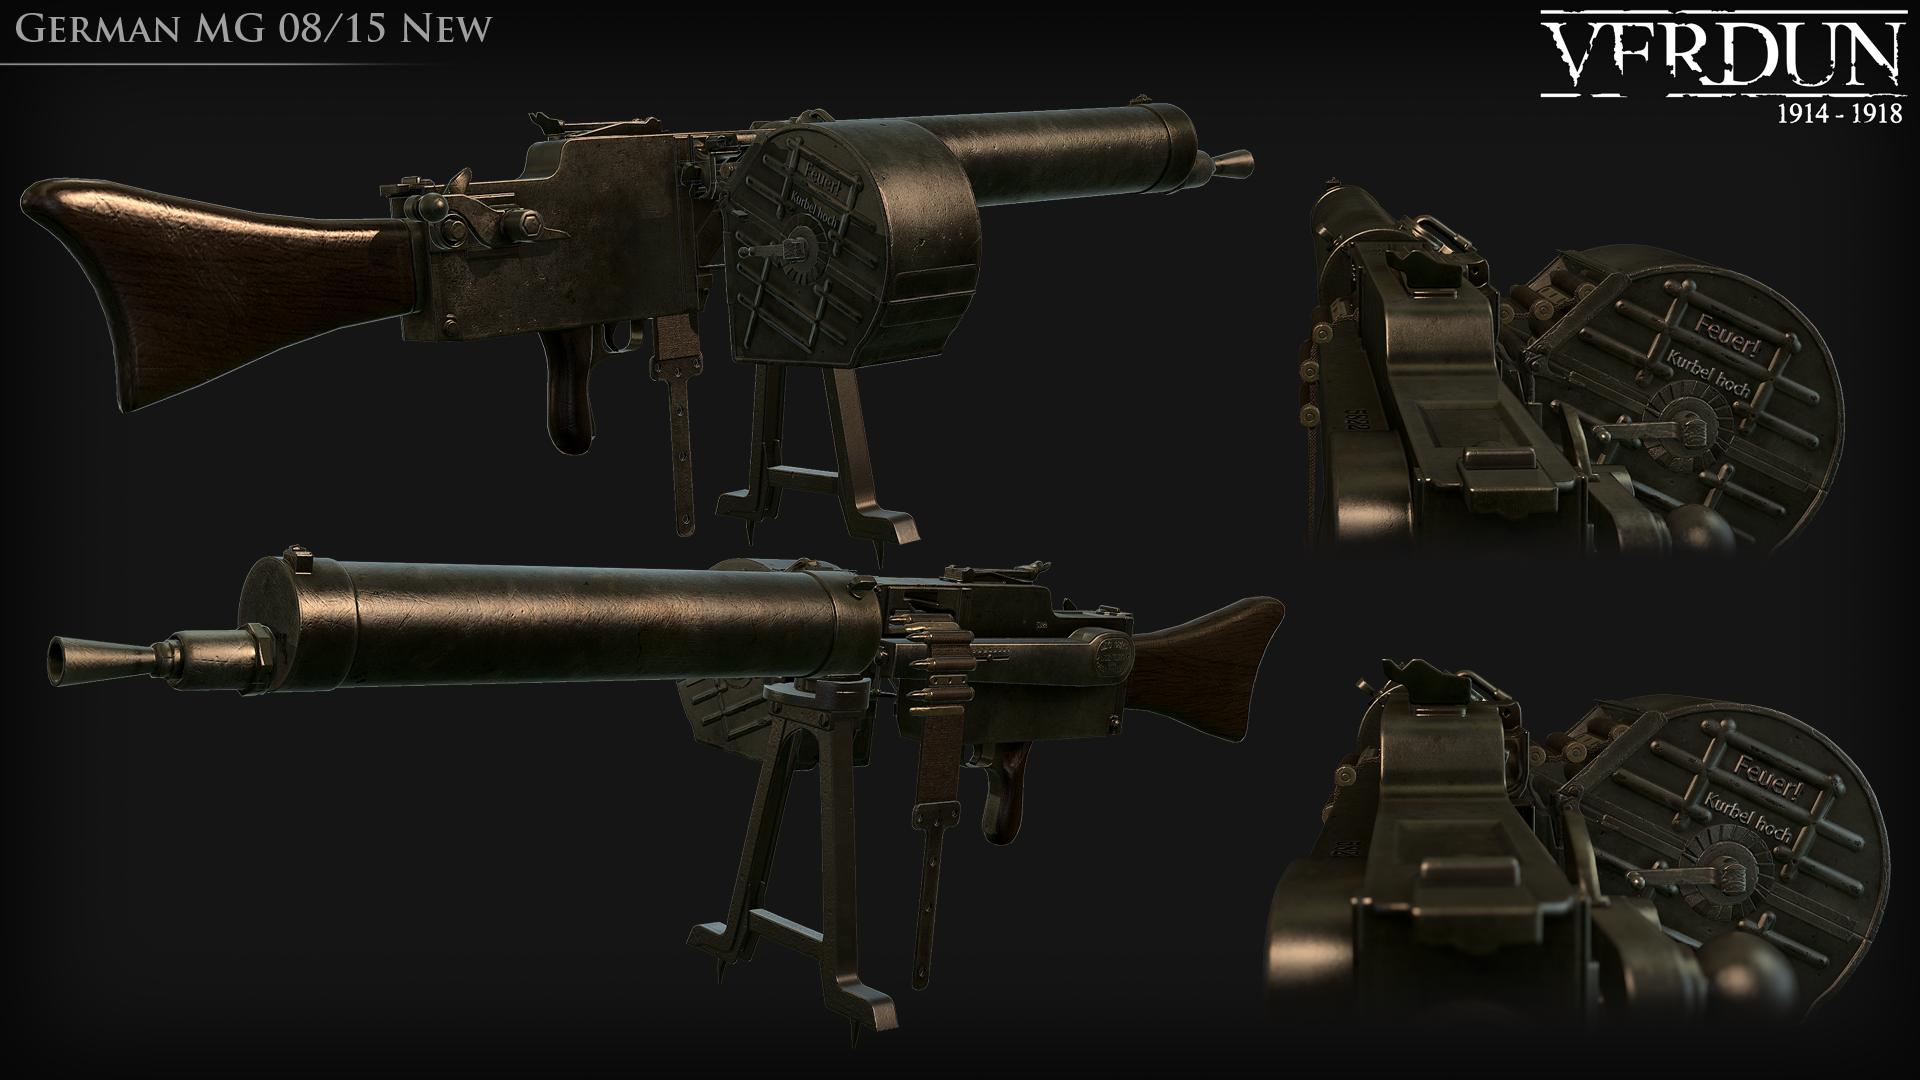 Verdun MG08/15 updated